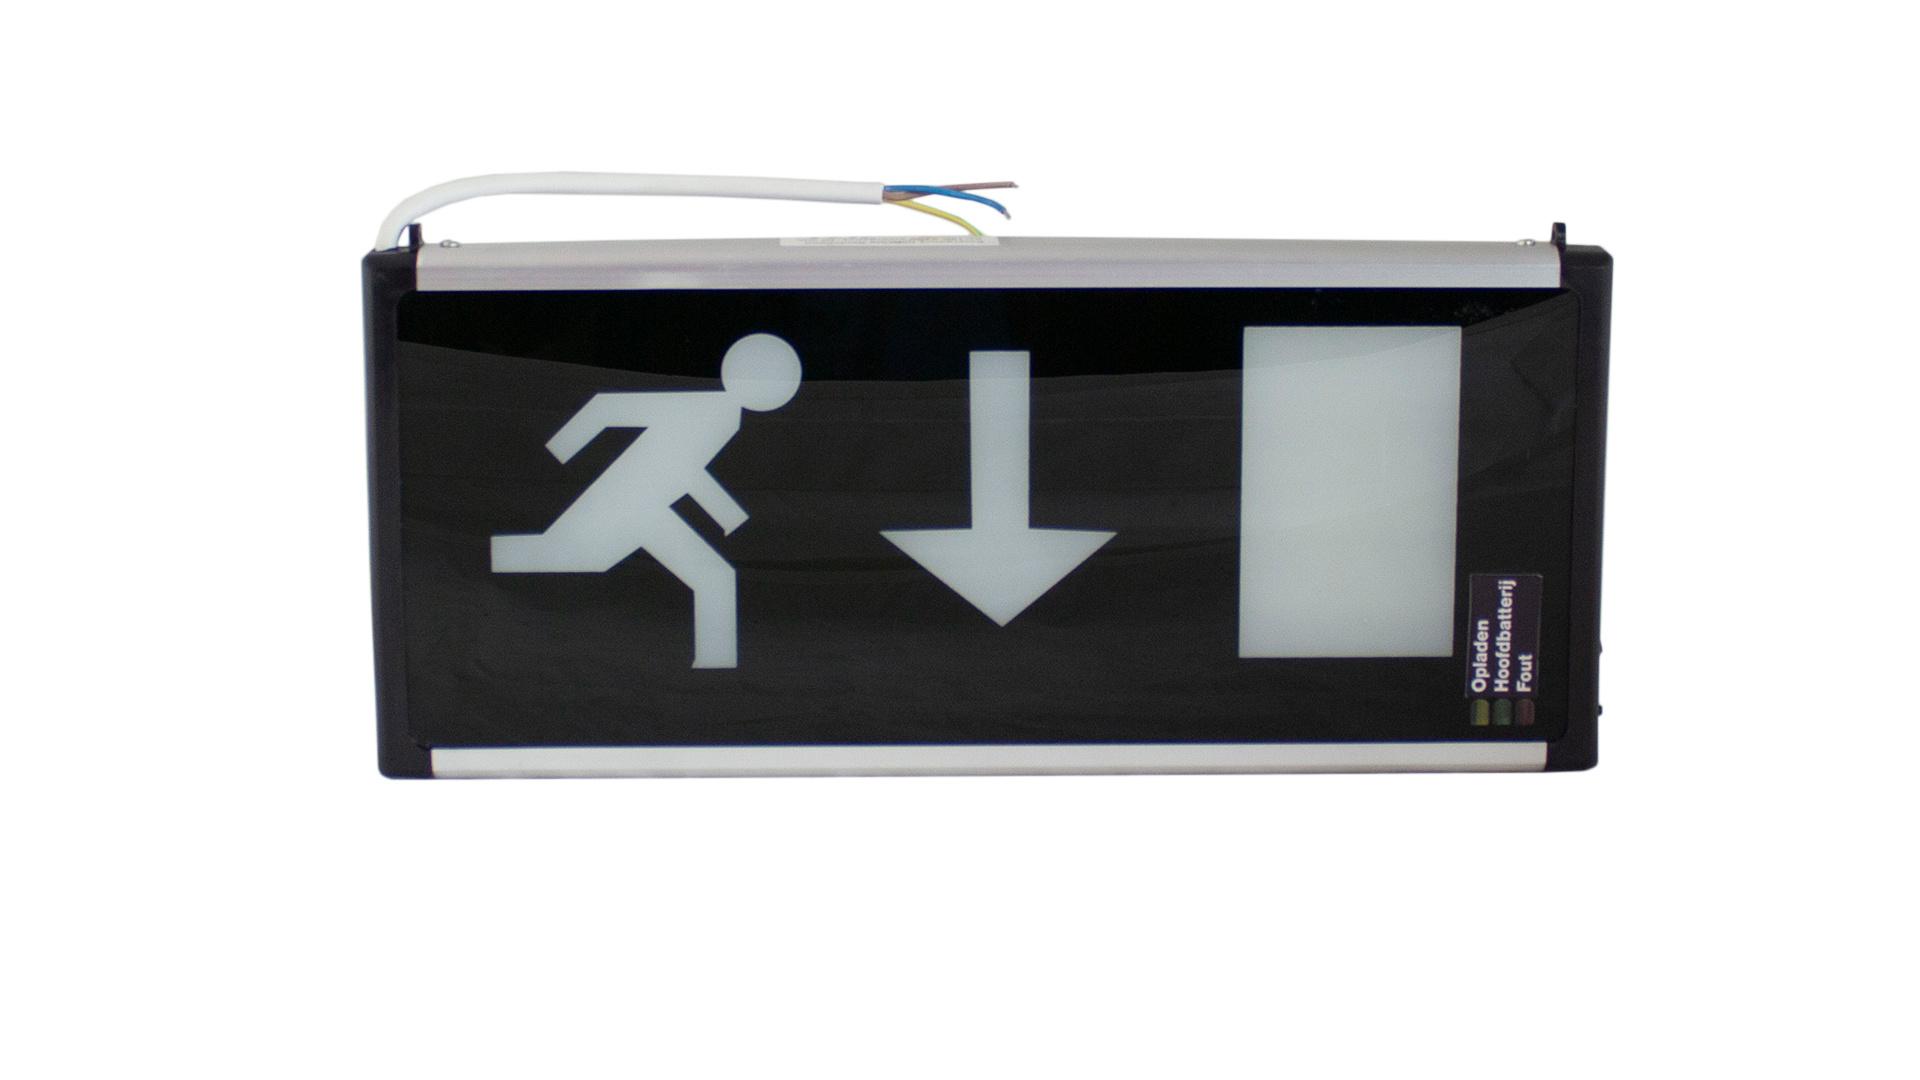 Nooduitgang LED Verlichting Rechtdoor, 3W, 90min EL